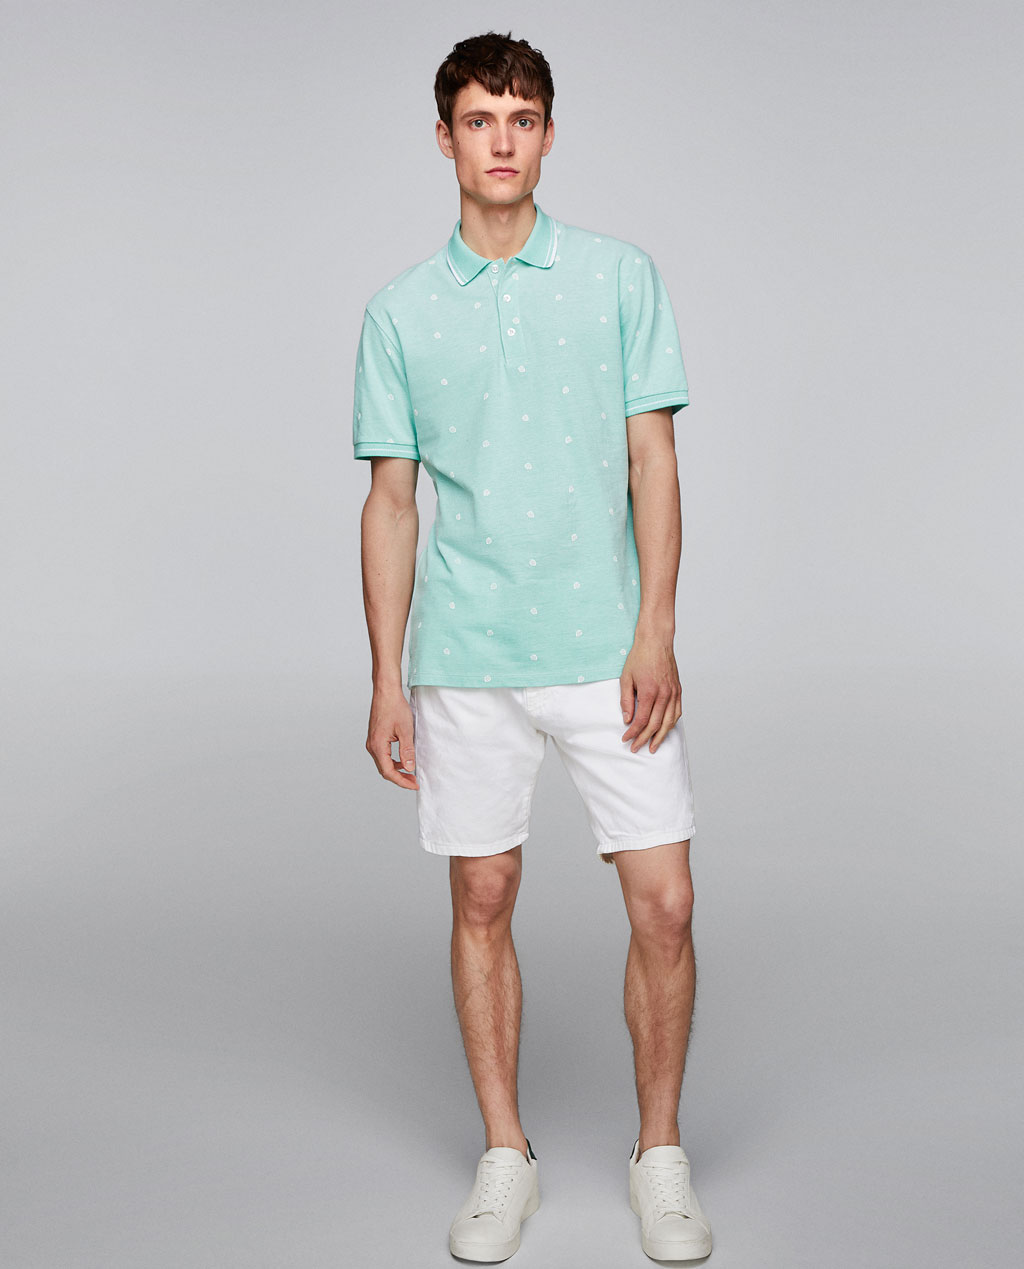 Thời trang nam Zara  24052 - ảnh 3